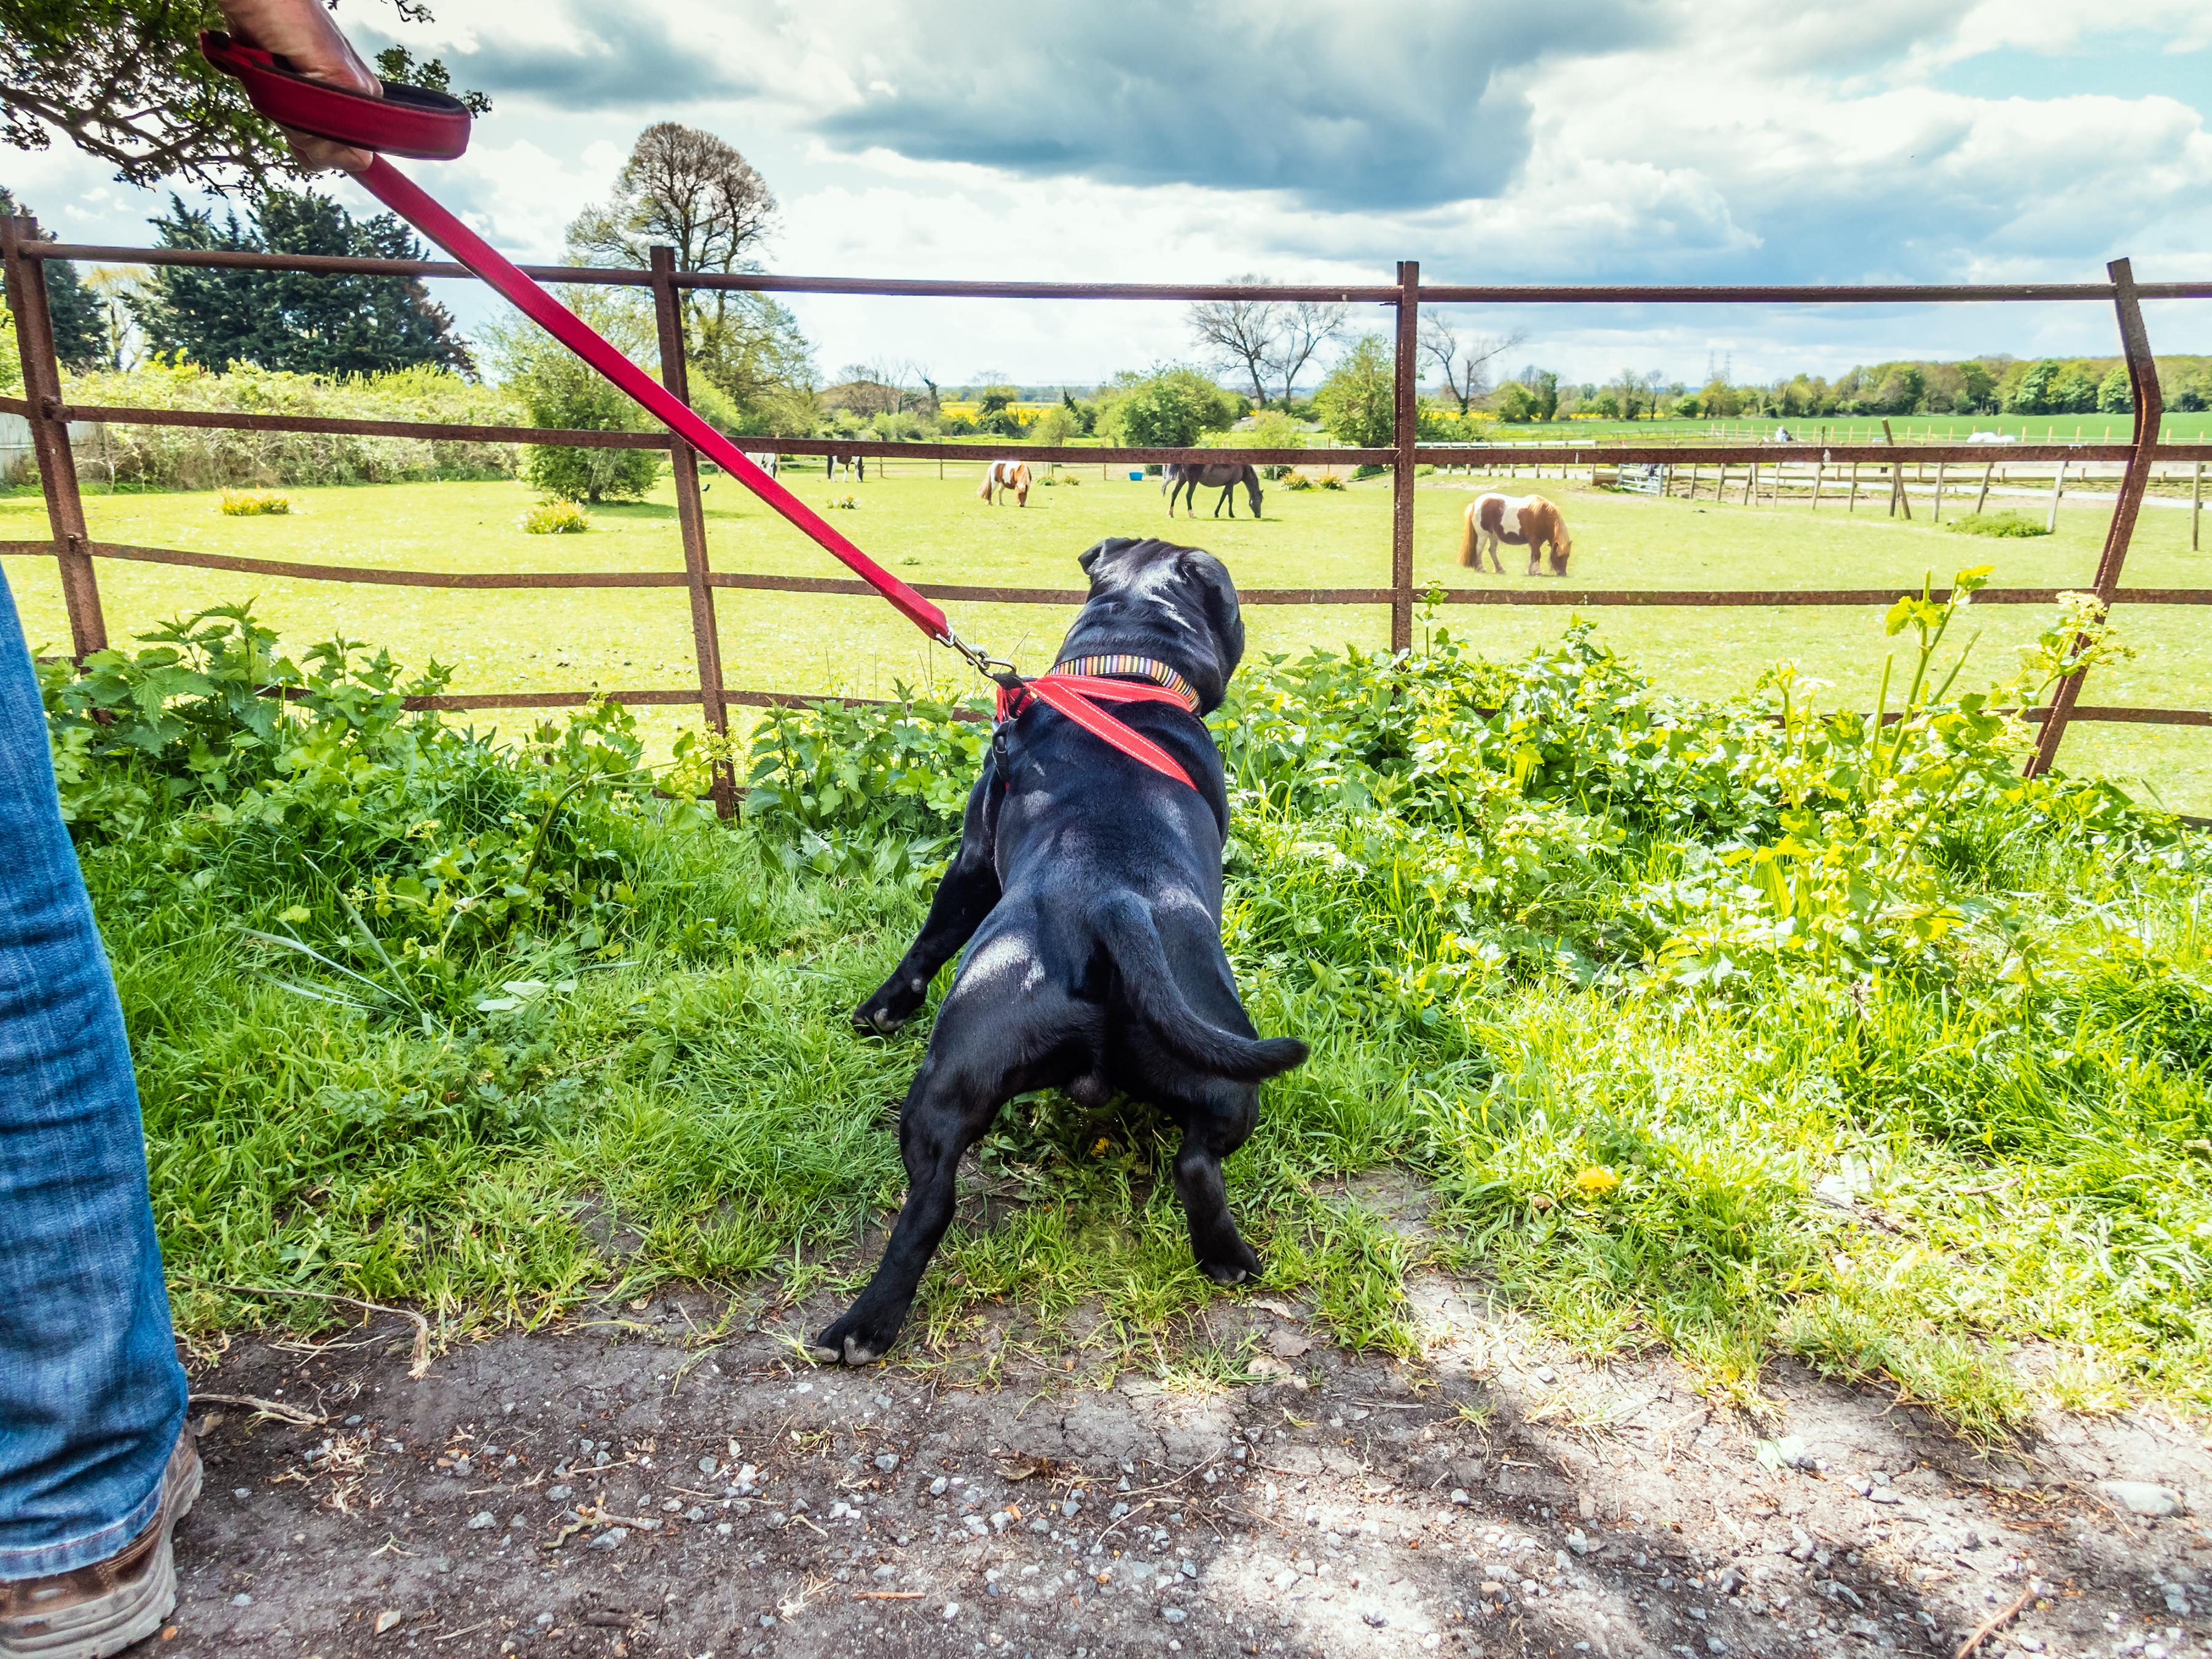 Om hunden springer eller rör sig i ett område med mycket brännässlor kan hunden riskera att bränna sig, särskilt på utsatta områden av kroppen.